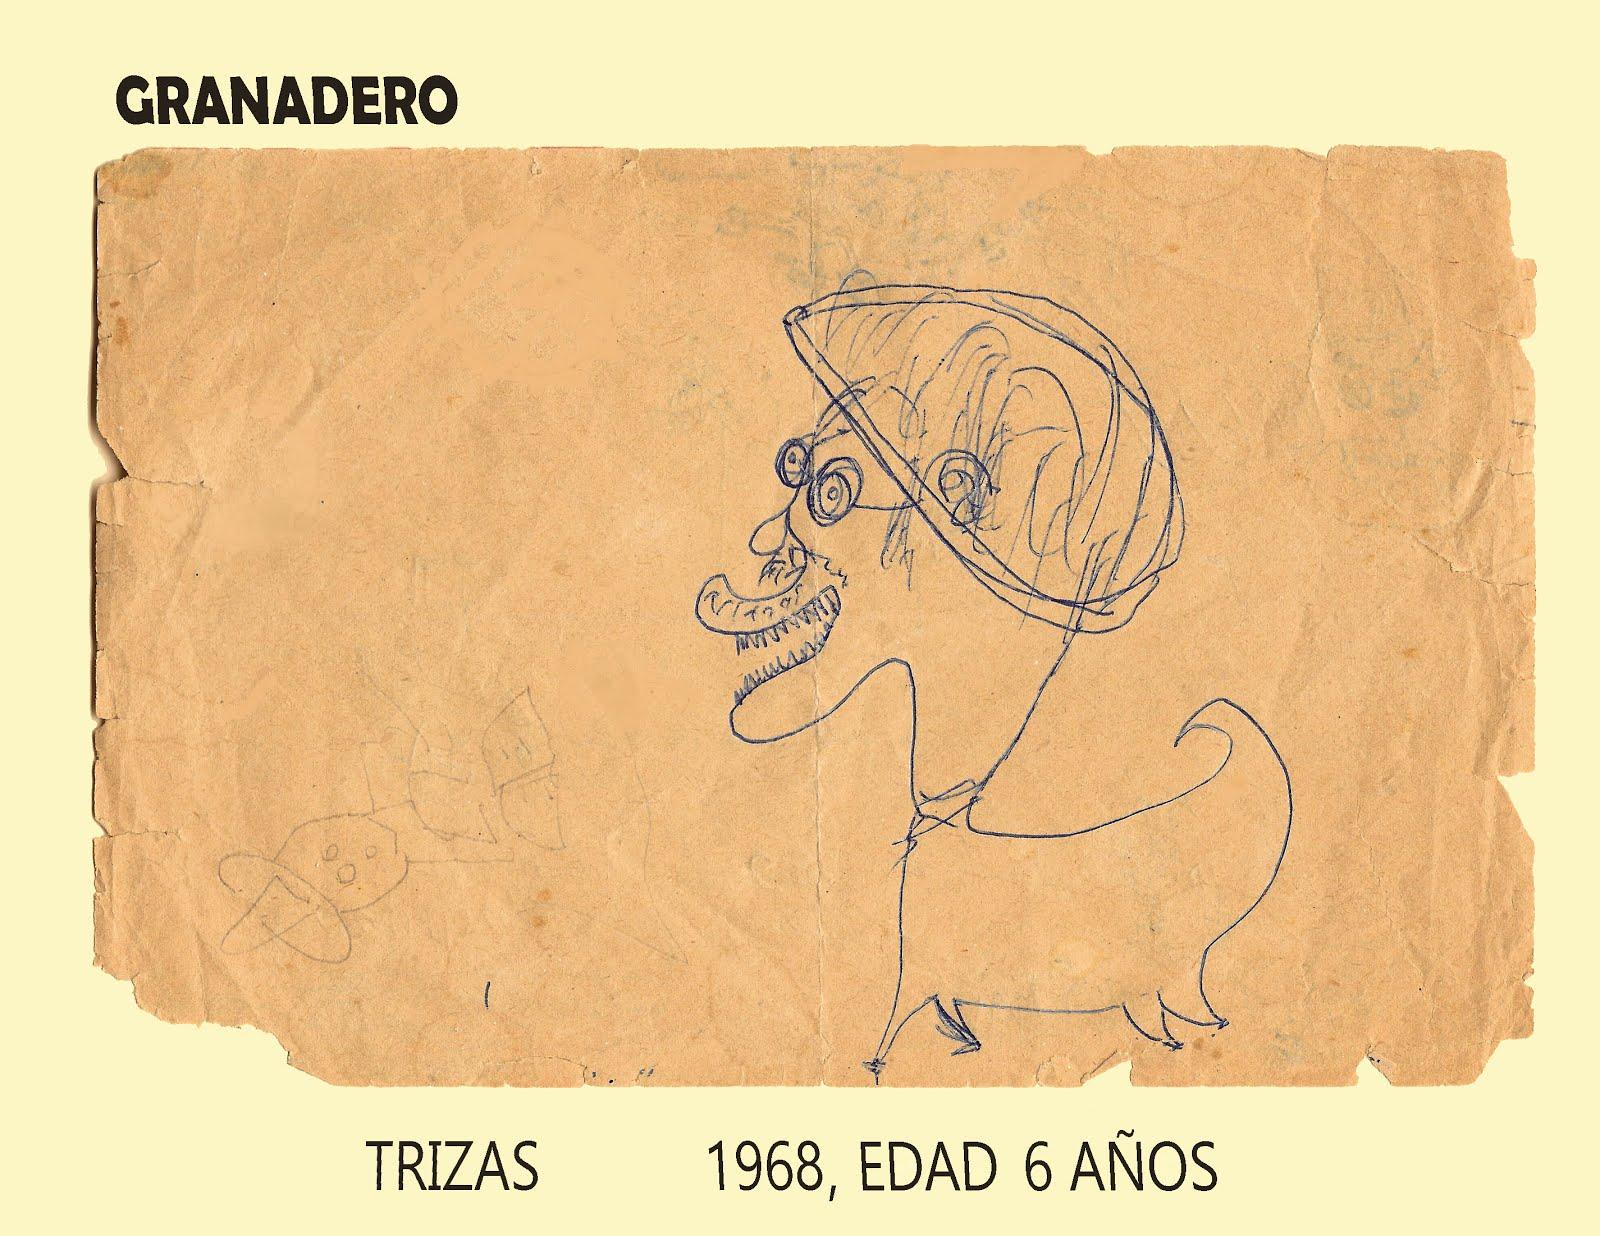 Primera caricatura